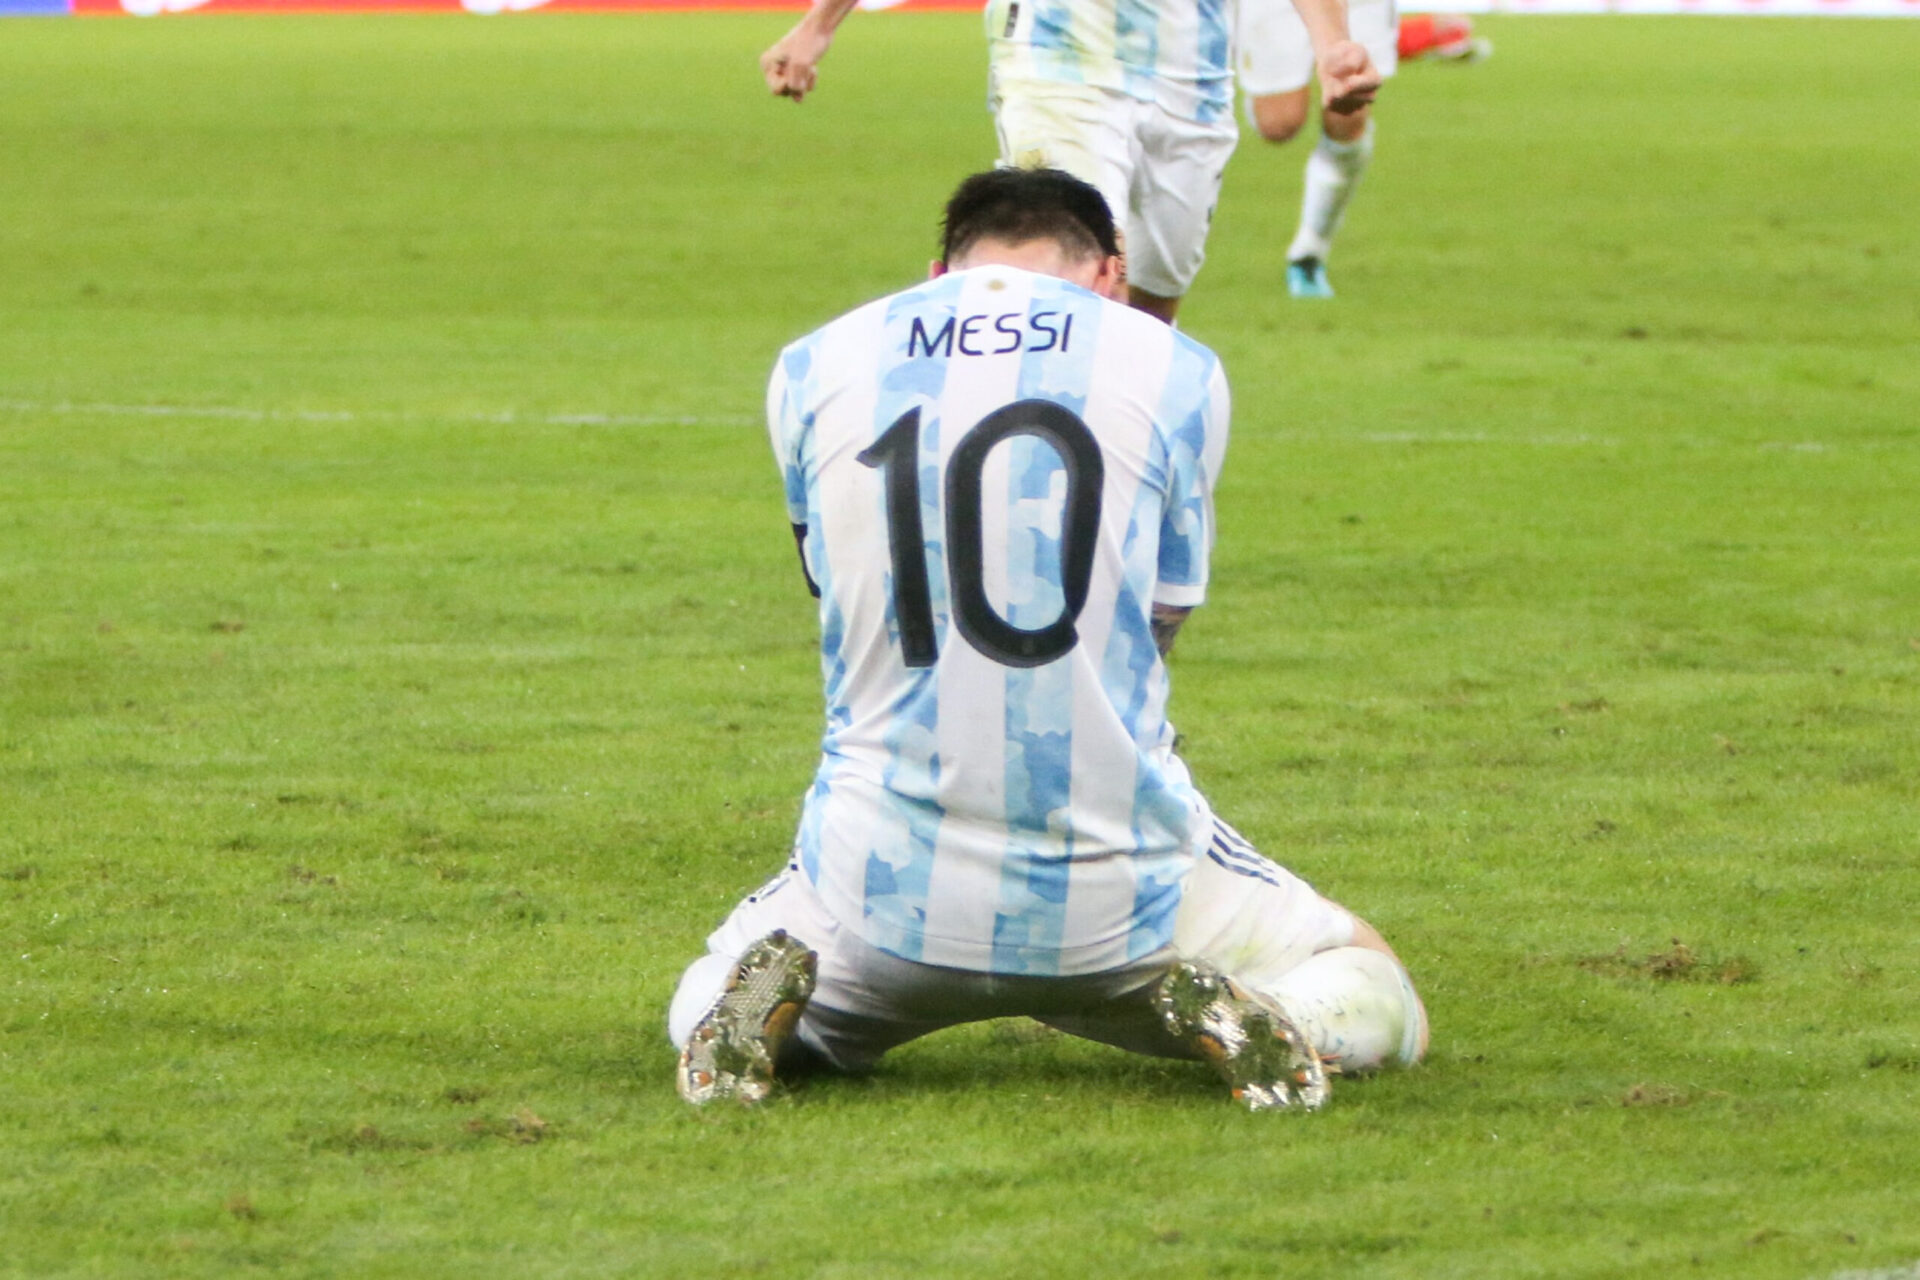 Vainqueur de la Copa América, Lionel Messi est proche de son septième Ballon d'Or. Icon Sport